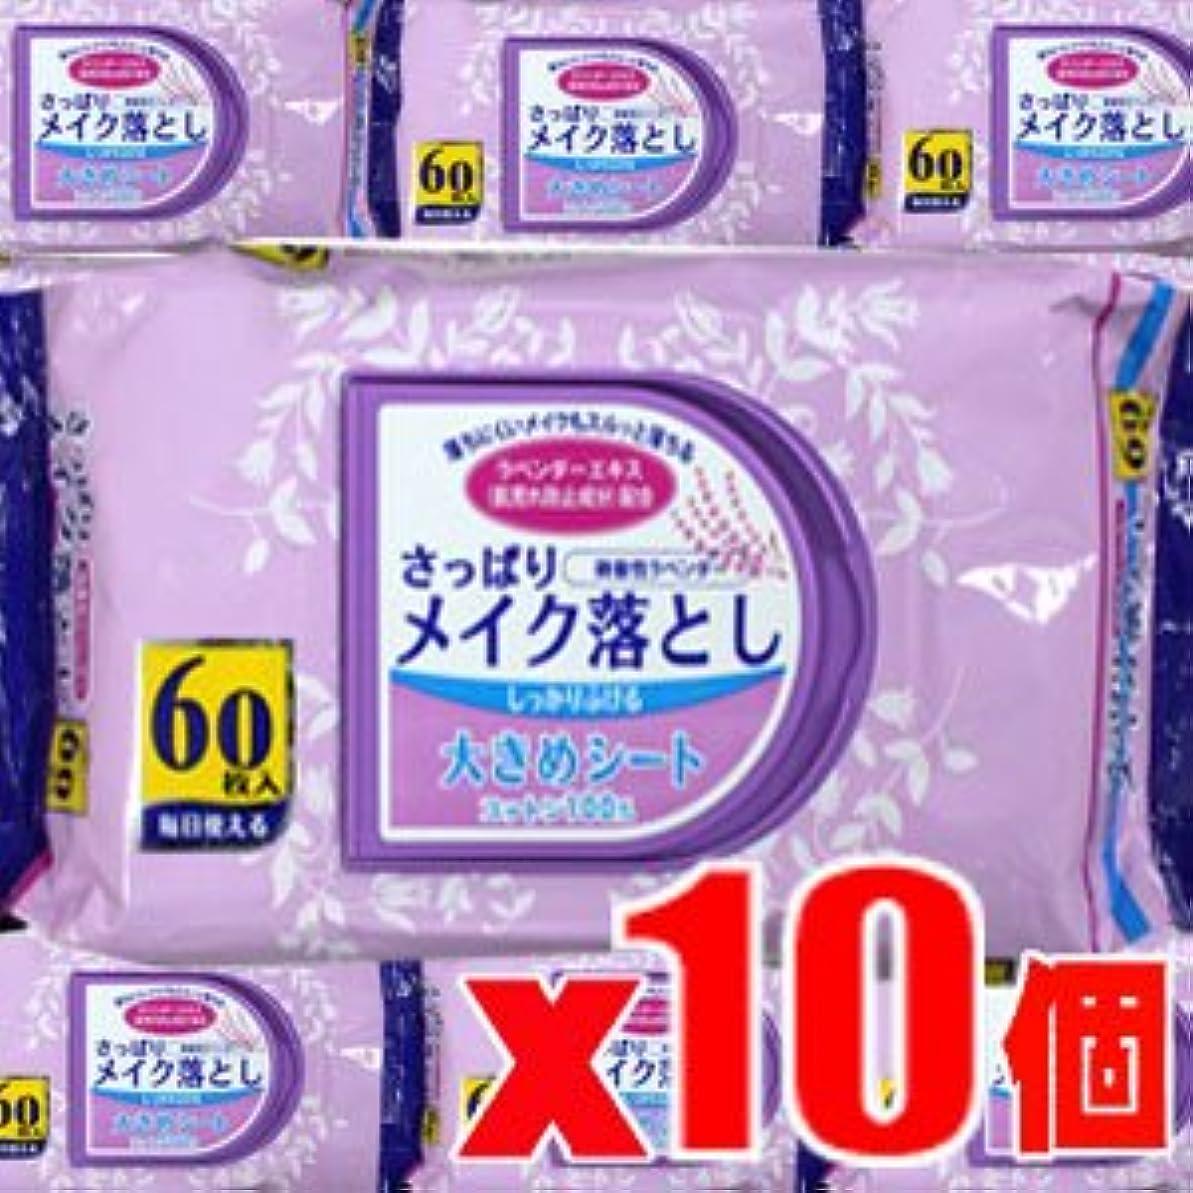 【10個】さっぱり メイク落とし 60枚x10個 (4994416031245)